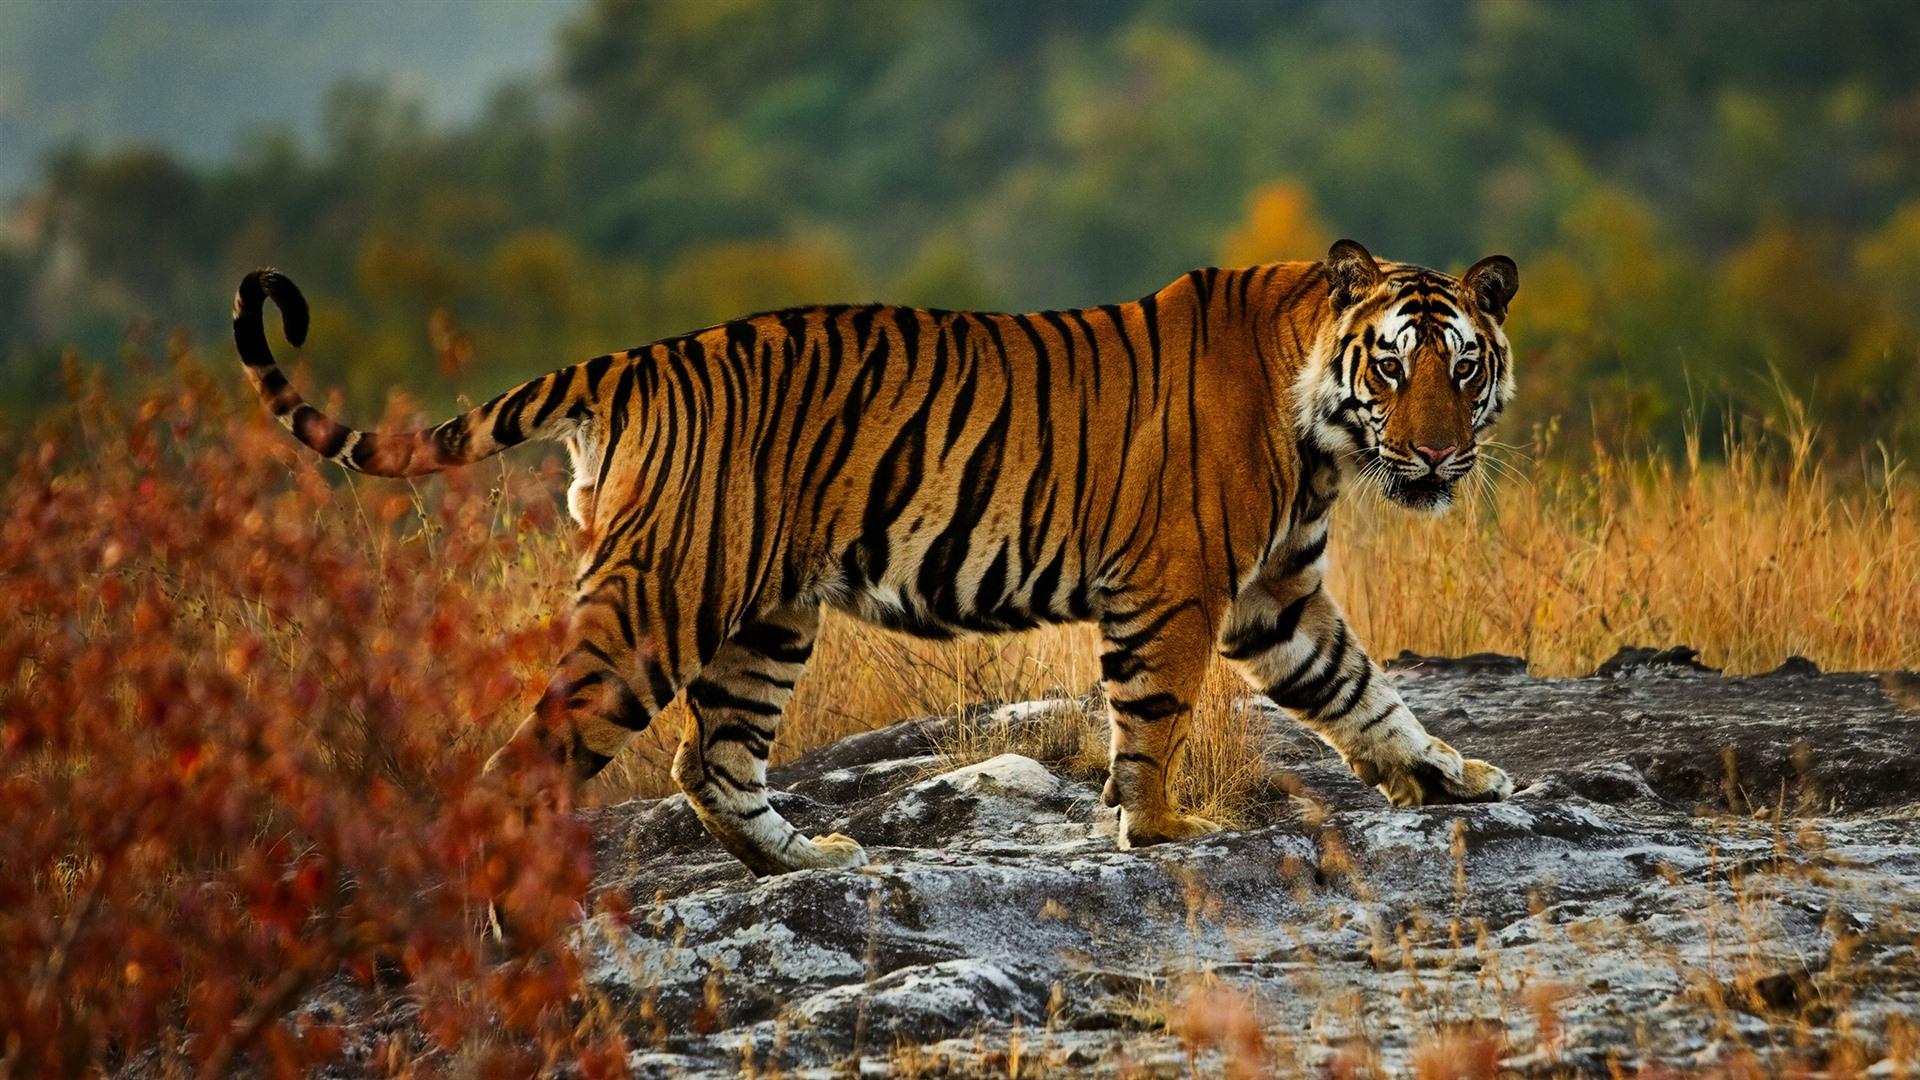 wallpaper tiger walking wildlife look 2560x1440 qhd